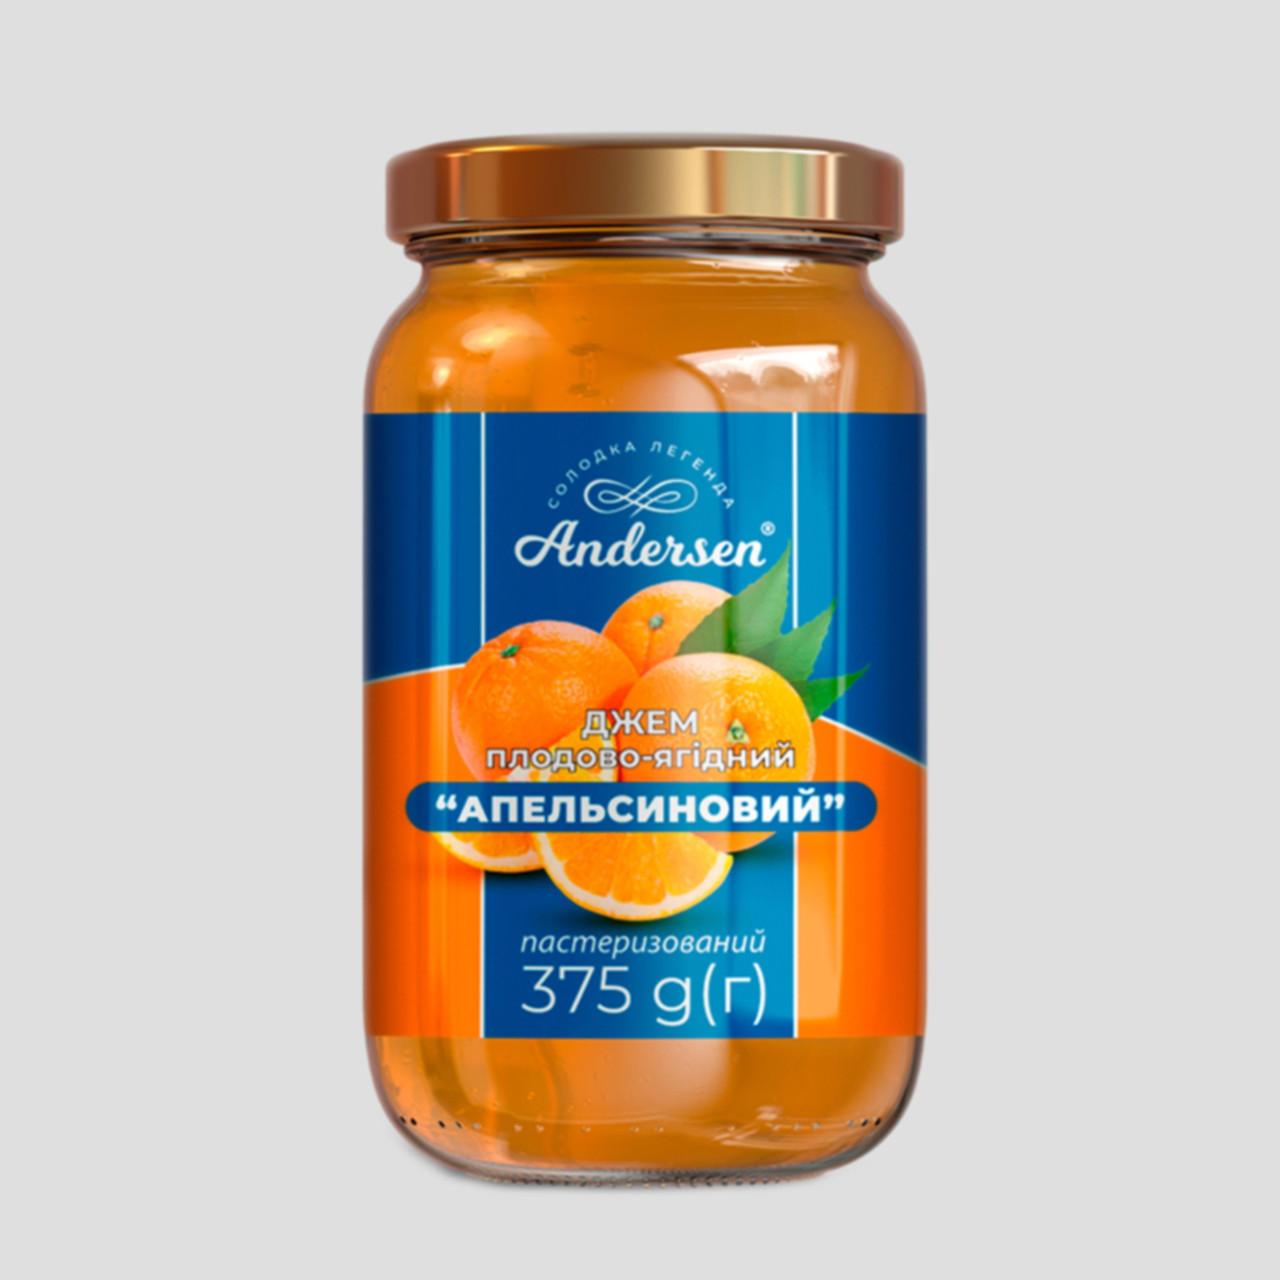 """Джем плодово-ягодный """"Апельсиновый"""" ТМ """"Andersen"""" 375 г"""